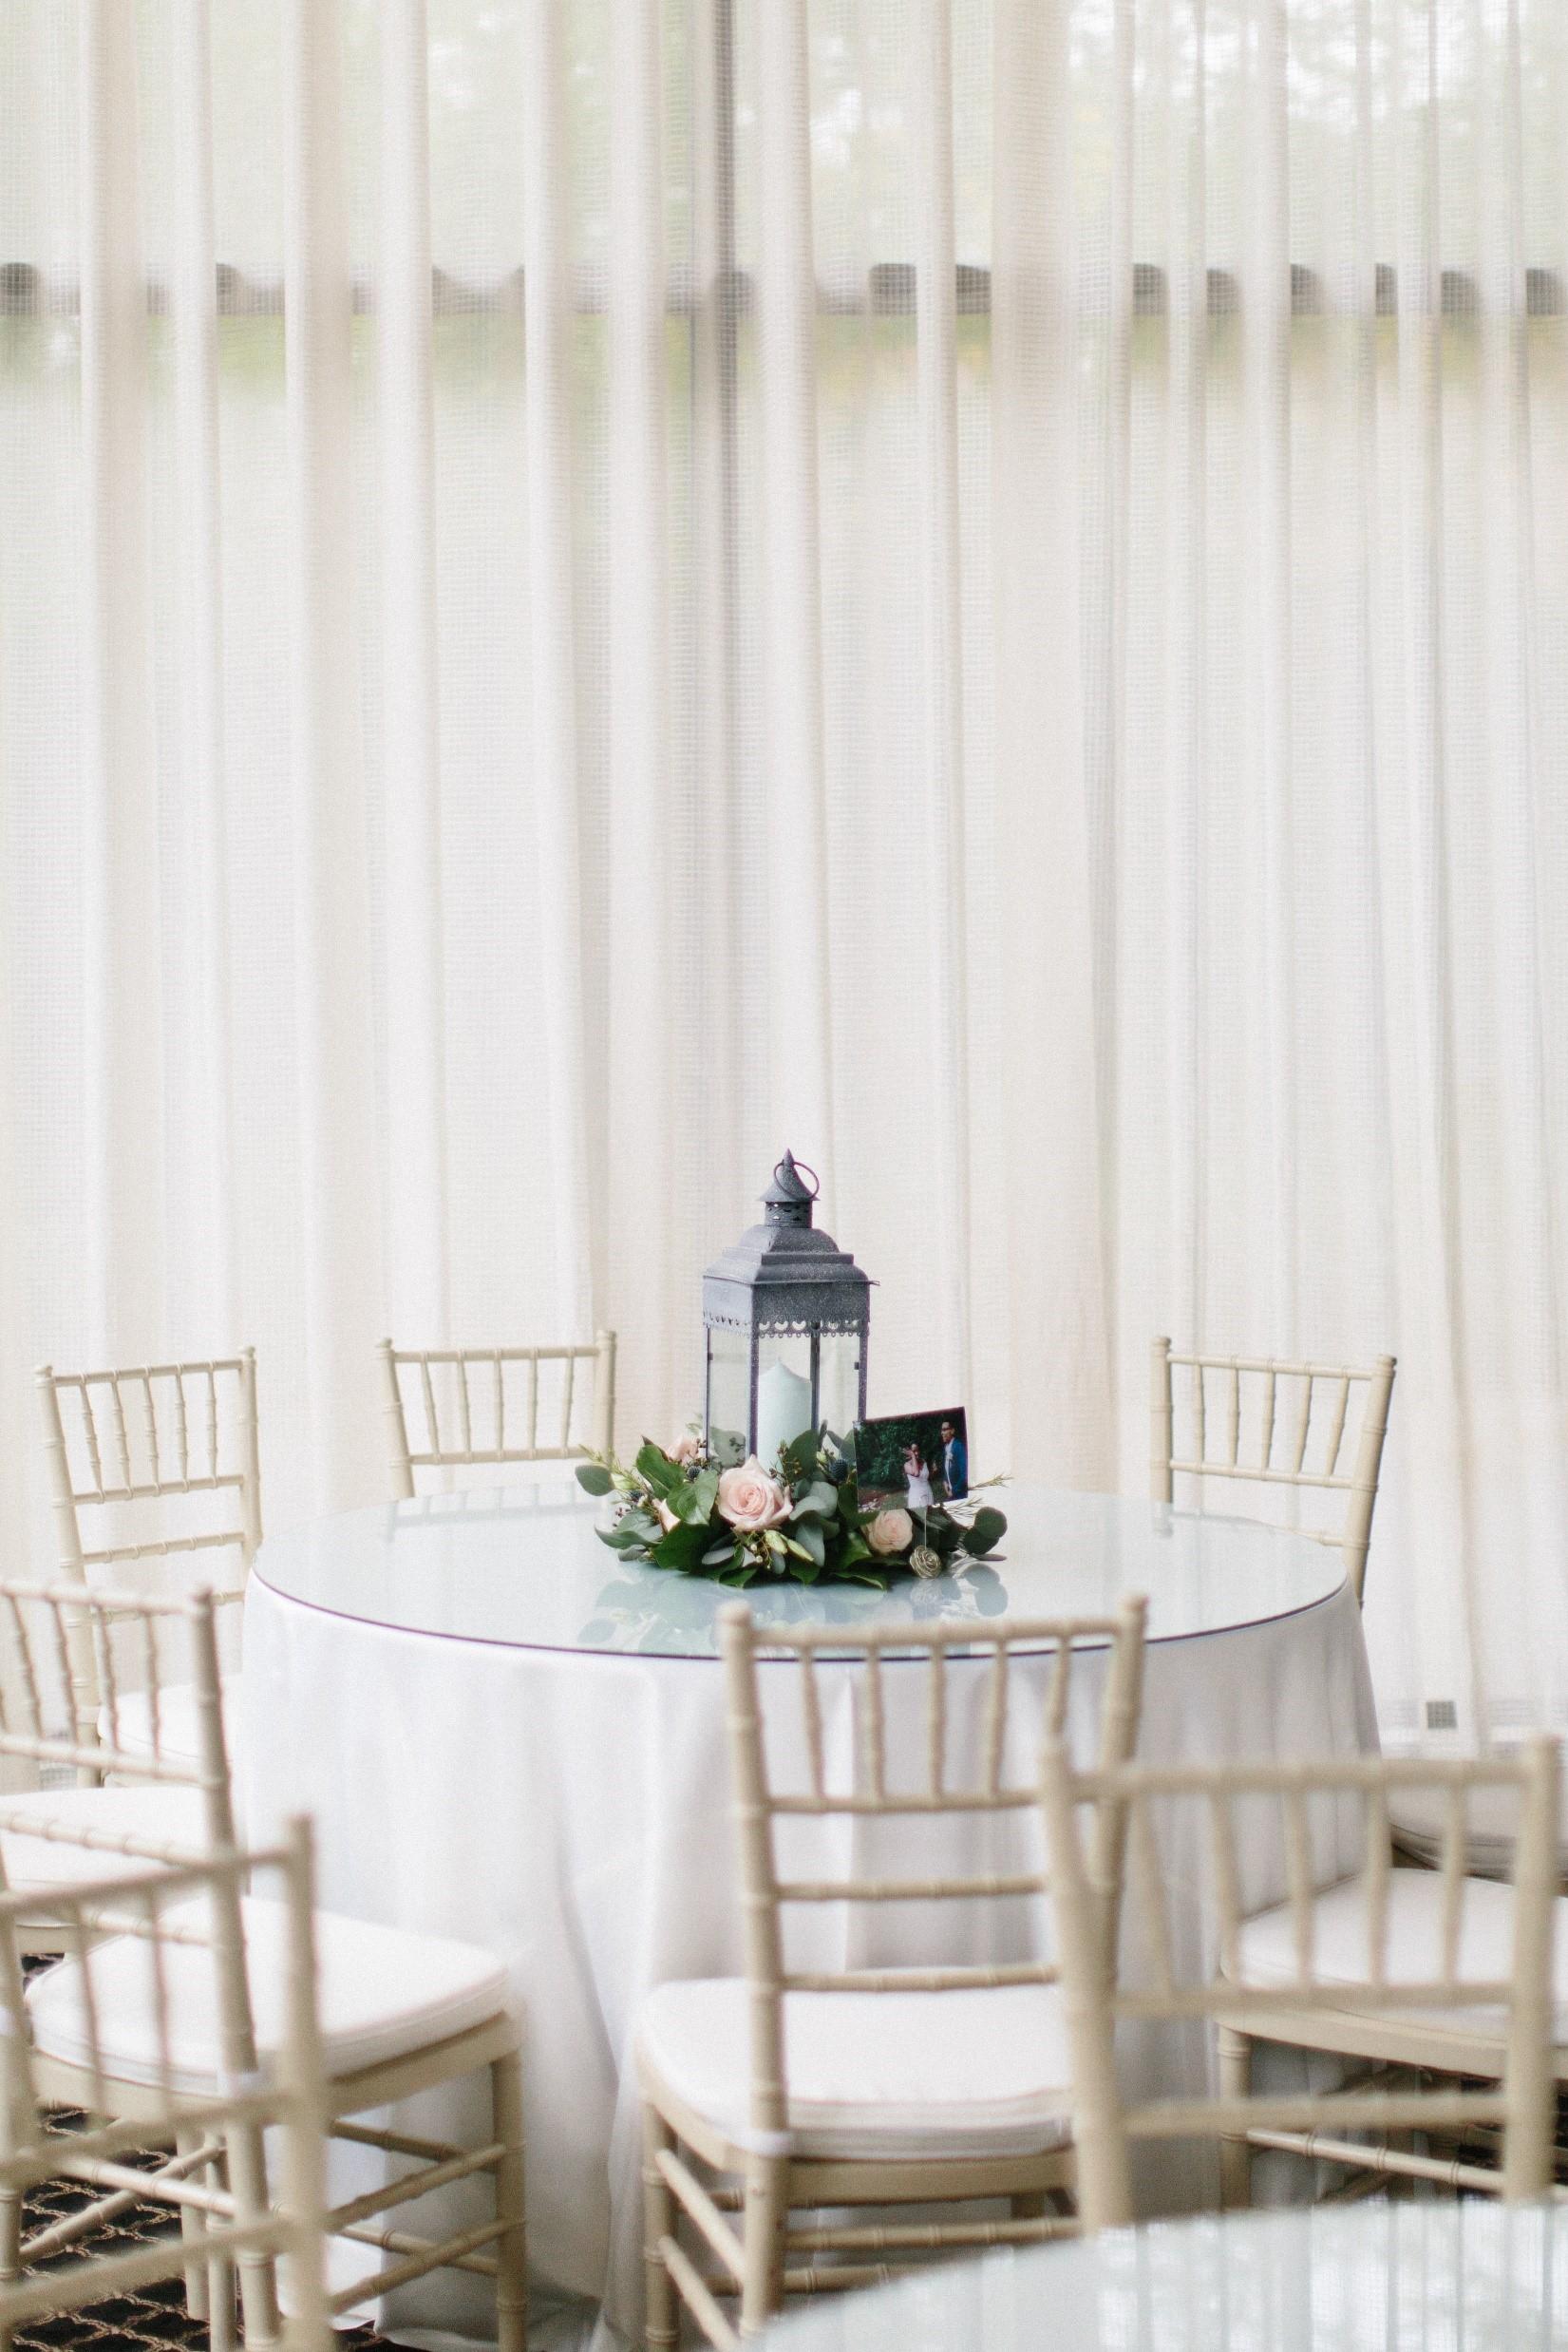 Guest Table Decor 3.jpg